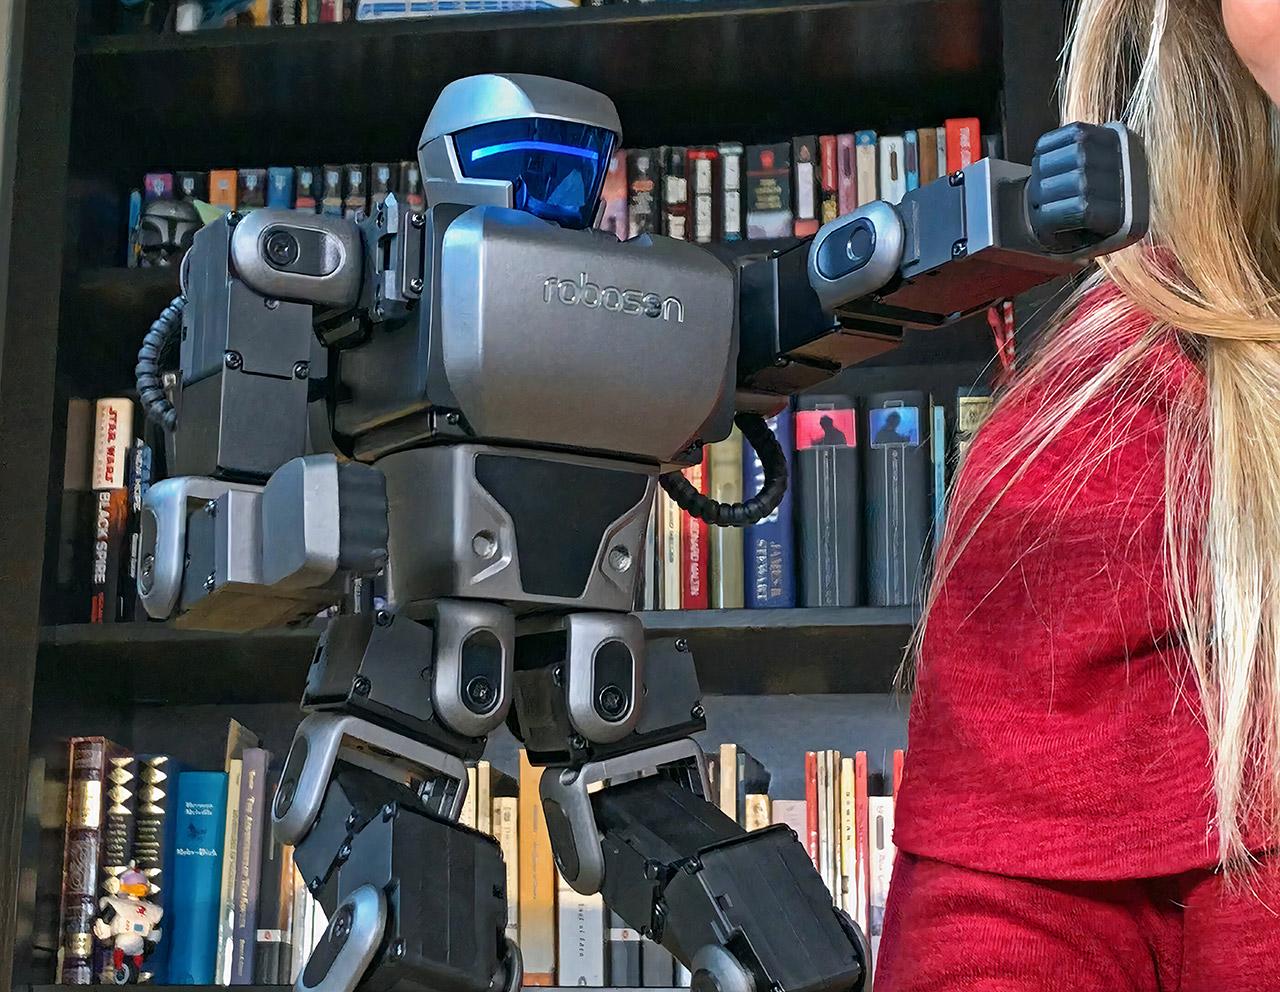 Robosen K1 Robot